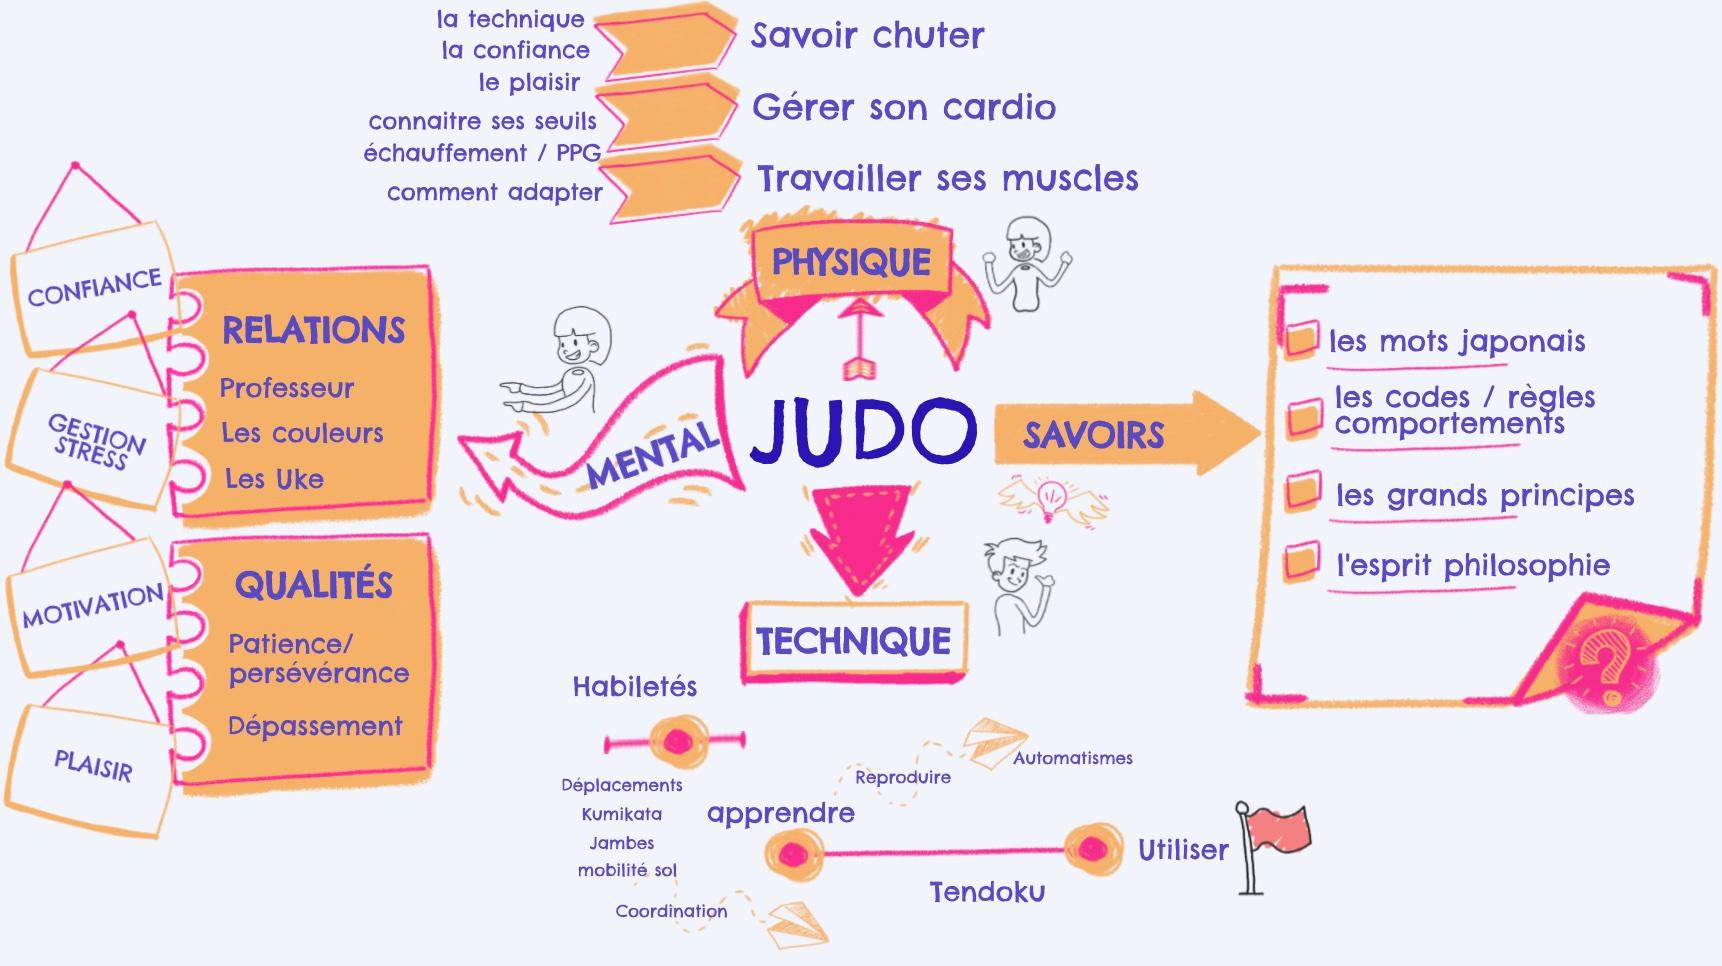 Habiletés à acquérir pour progresser en judo réunion en une carte heuristique.